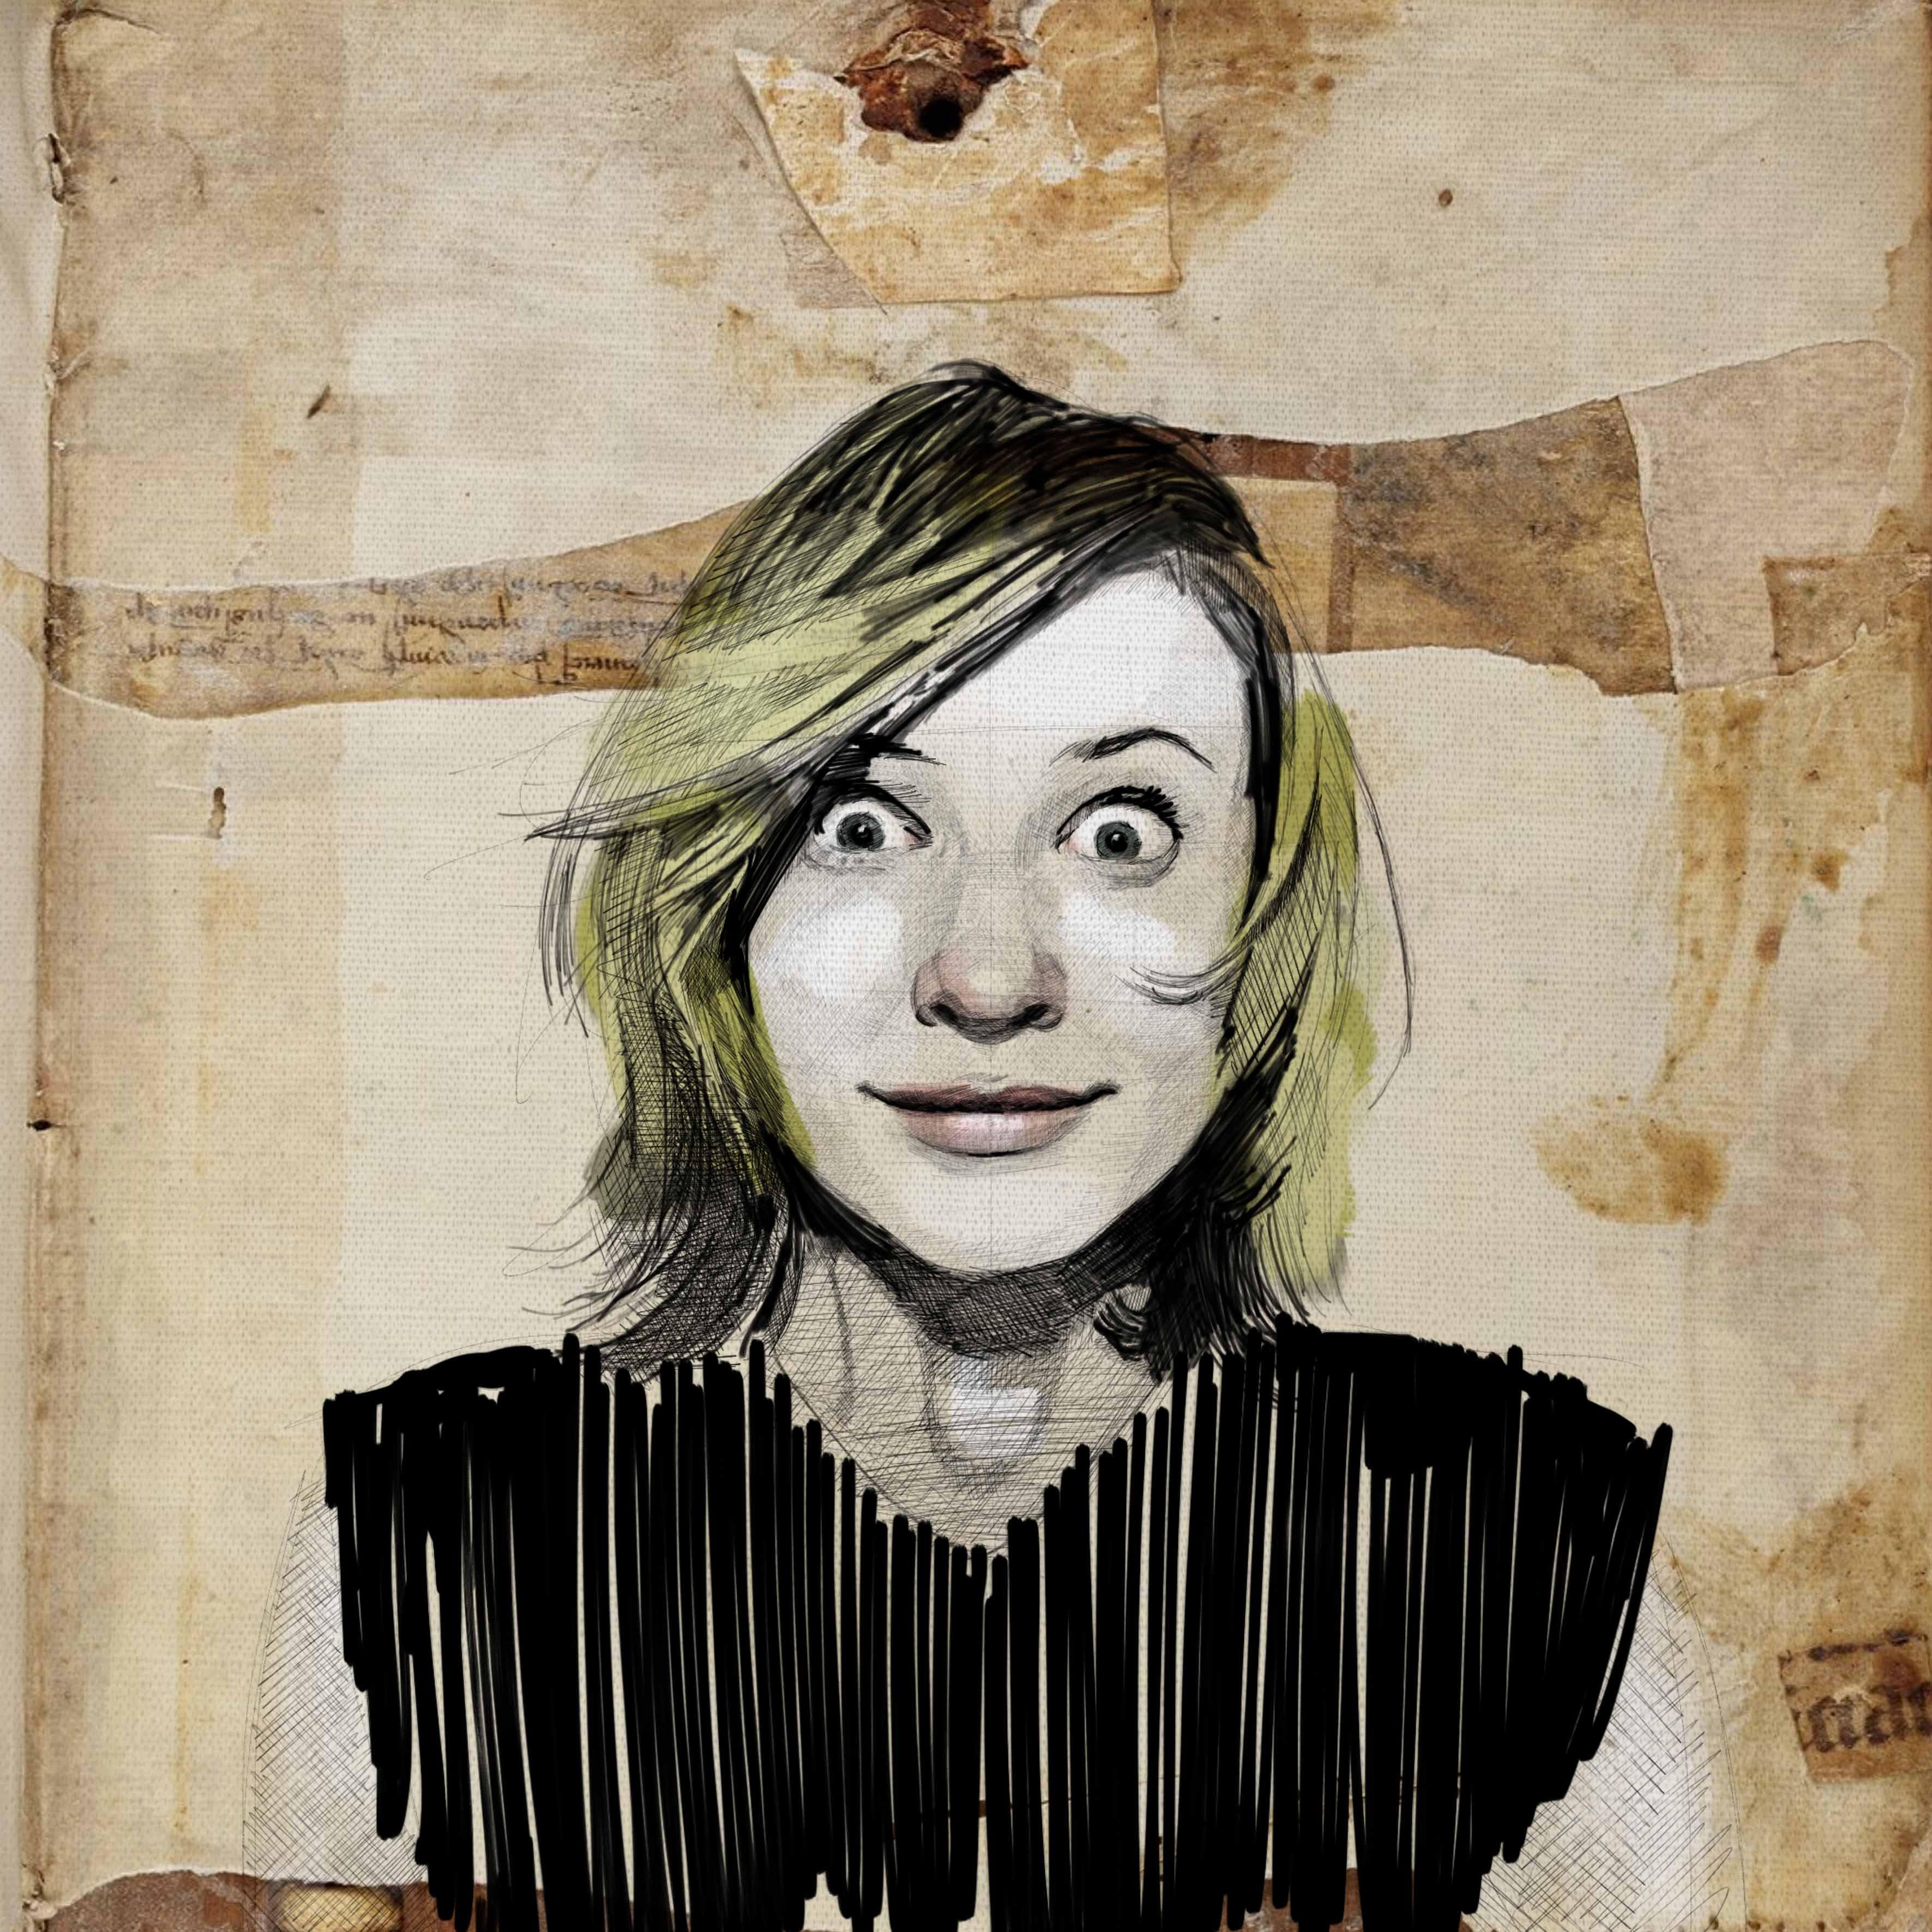 Cate-Blanchett-tito-merello-culturabadajoz